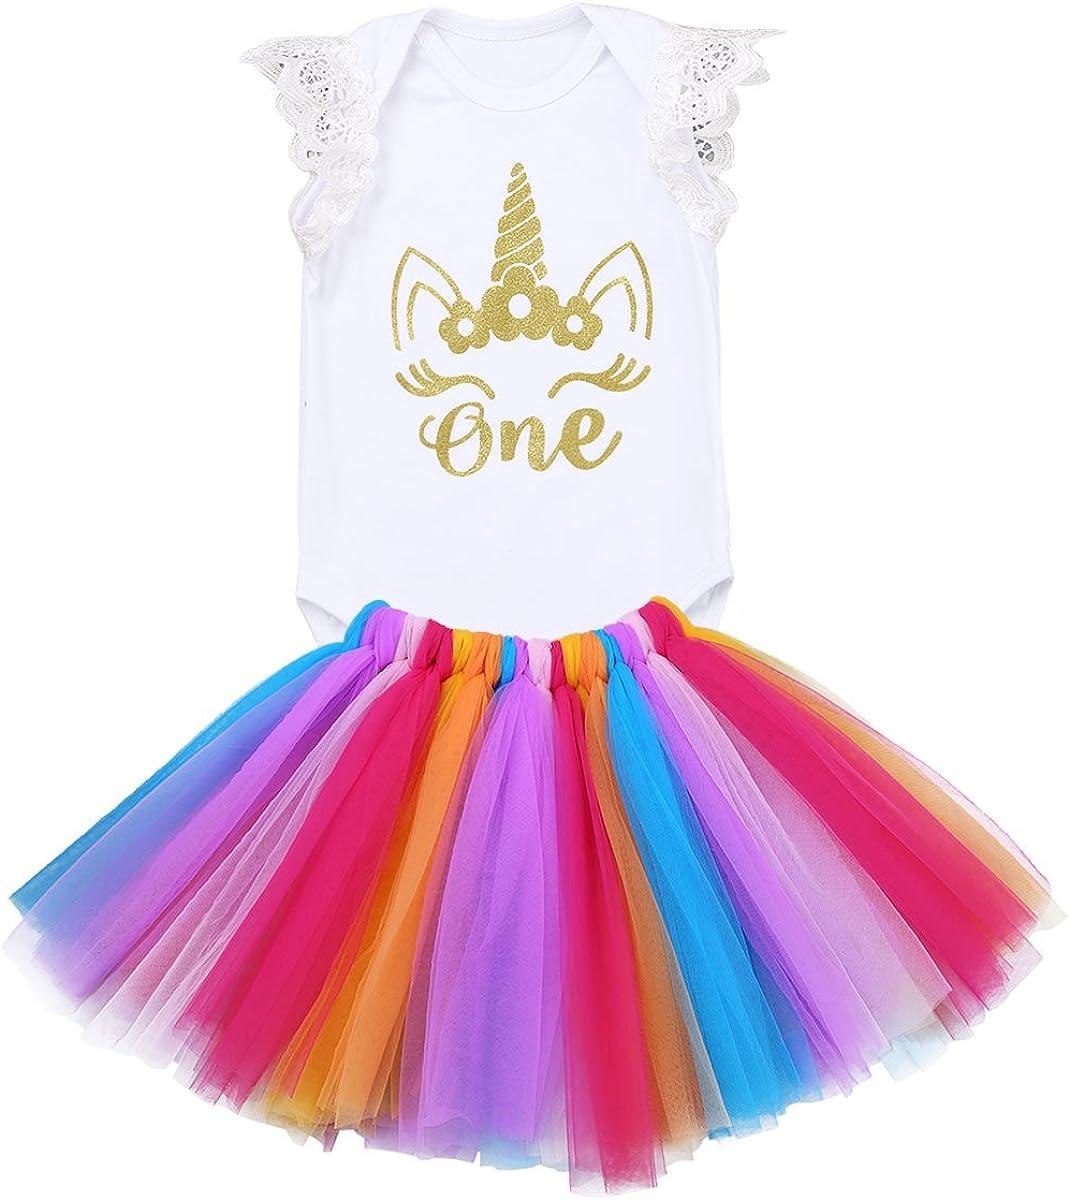 iiniim 3pcs D/éguisement B/éb/é Naissance Fille Imprim/é Licorne Robe de Princesse Bal Arc-en-Ciel Tutu Danse Ballet Et Romper Et Cheveux Bandeau Adorable Costume 0-12 Mois